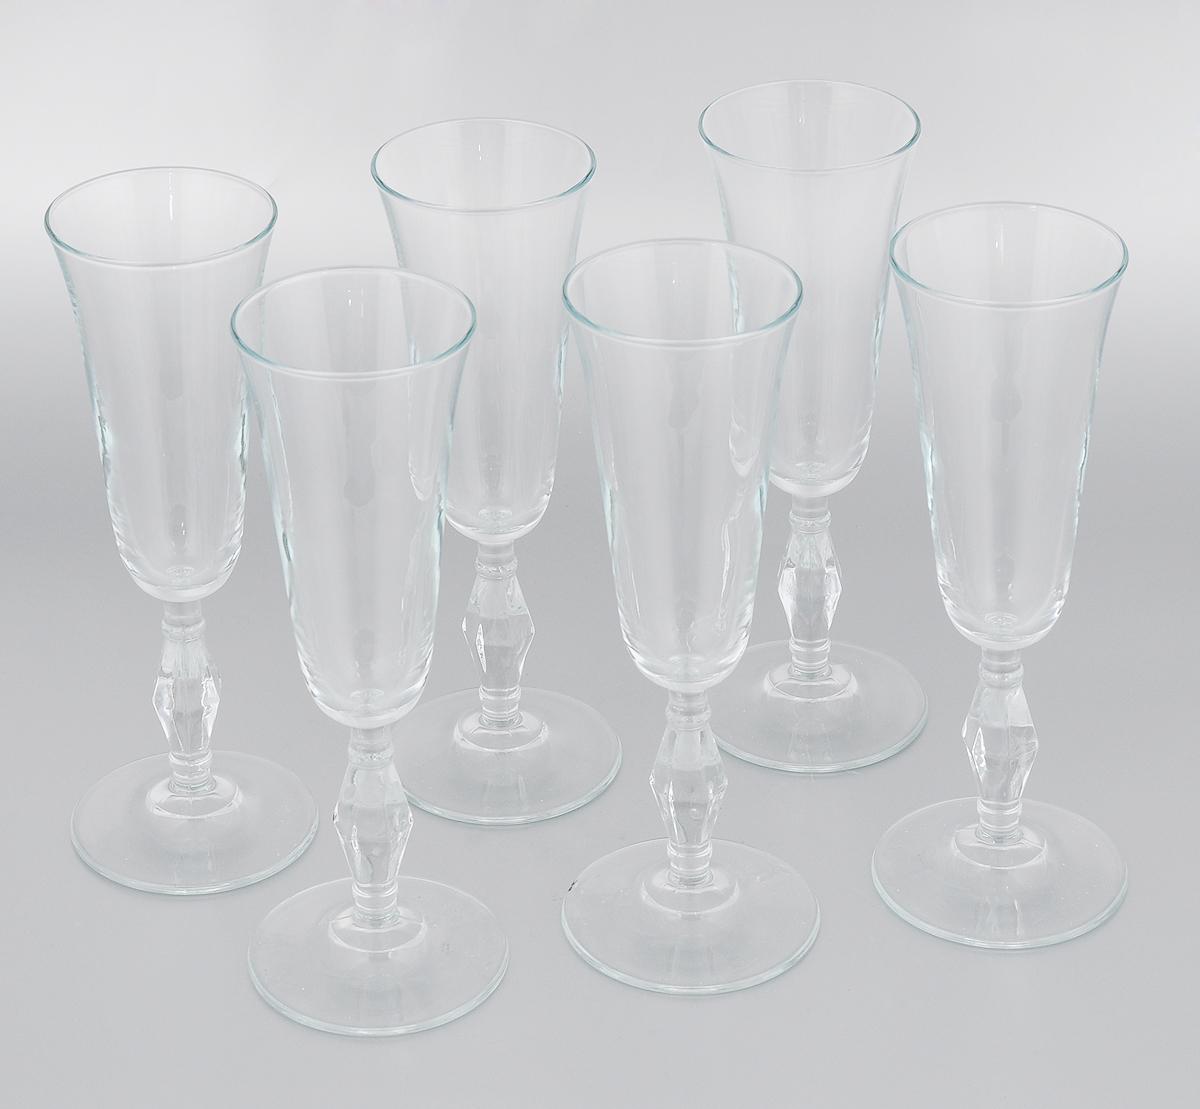 Набор бокалов Pasabahce Retro, 190 мл, 6 штVT-1520(SR)Набор Pasabahce Retro состоит из шести бокалов, выполненных из прочного натрий-кальций-силикатного стекла. Бокалы предназначены для подачи вина или других напитков. Они сочетают в себе элегантный дизайн и функциональность. Набор бокалов Pasabahce Retro прекрасно оформит праздничный стол и создаст приятную атмосферу за романтическим ужином. Такой набор также станет хорошим подарком к любому случаю. Можно мыть в посудомоечной машине.Диаметр бокала (по верхнему краю): 6,5 см. Высота бокала: 21,5 см.